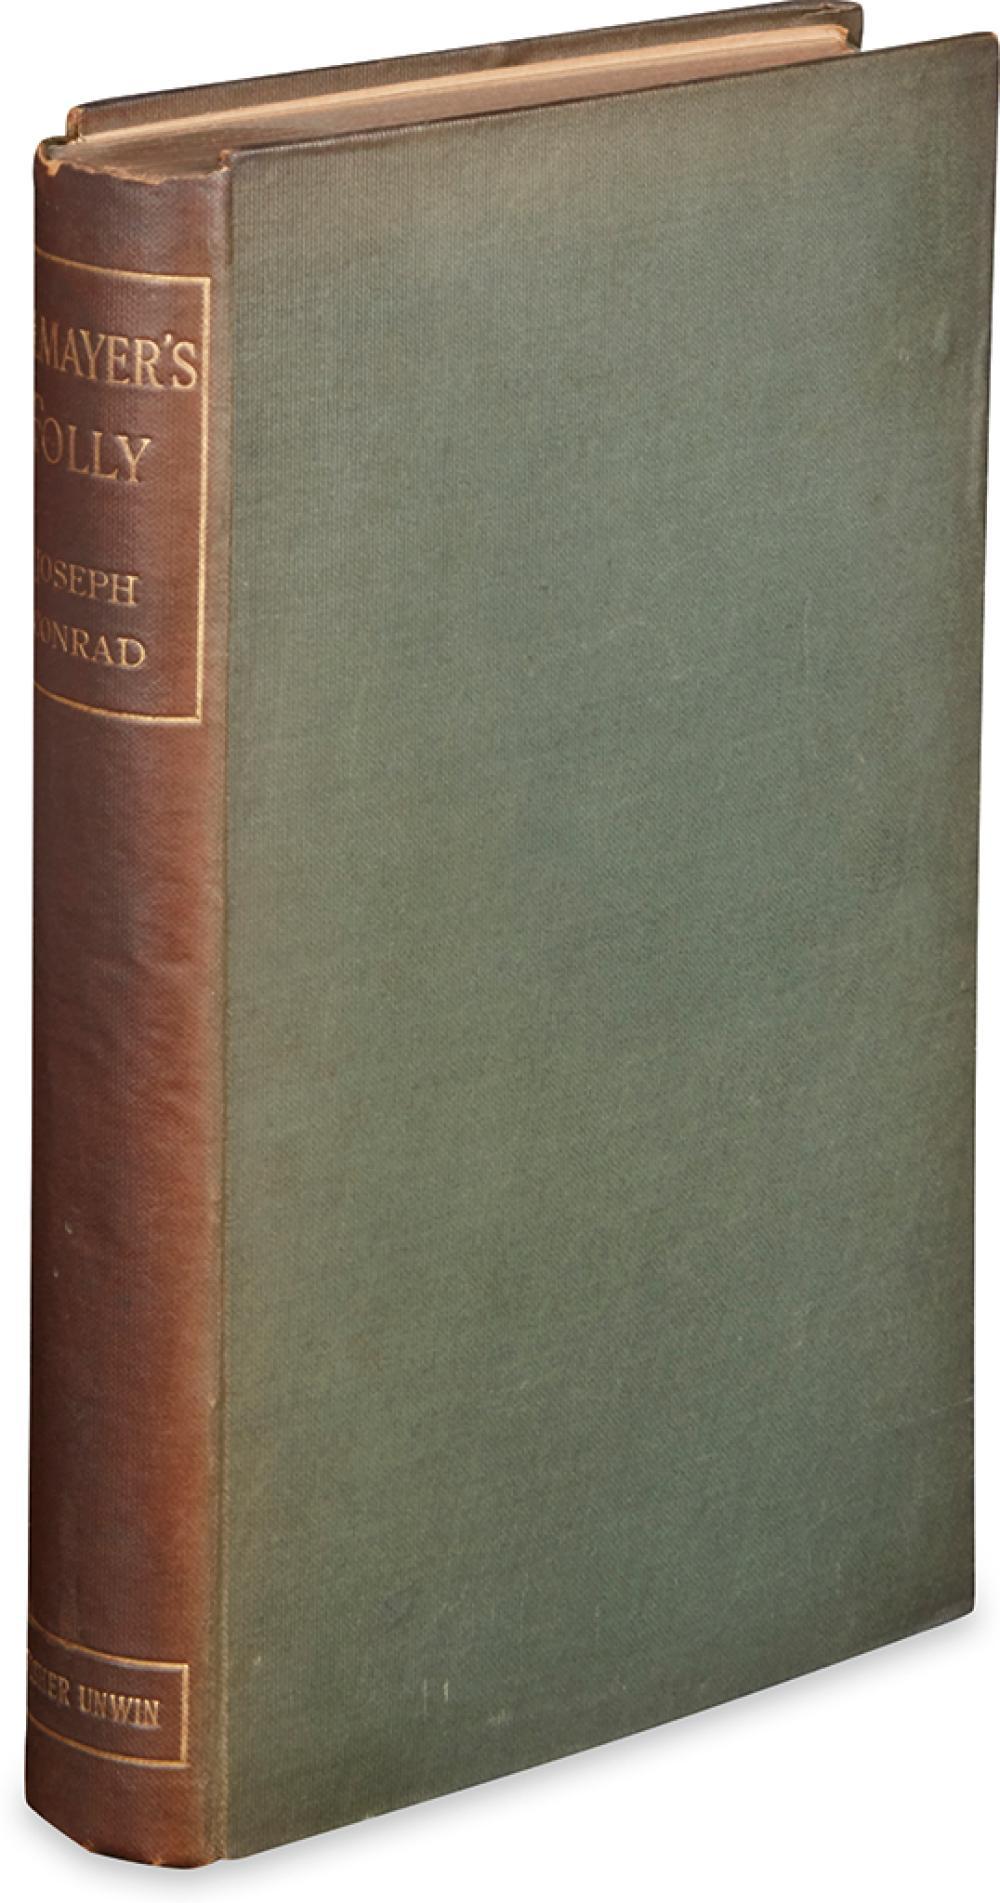 CONRAD, JOSEPH. Almayer's Folly. A Story of an Eastern River.